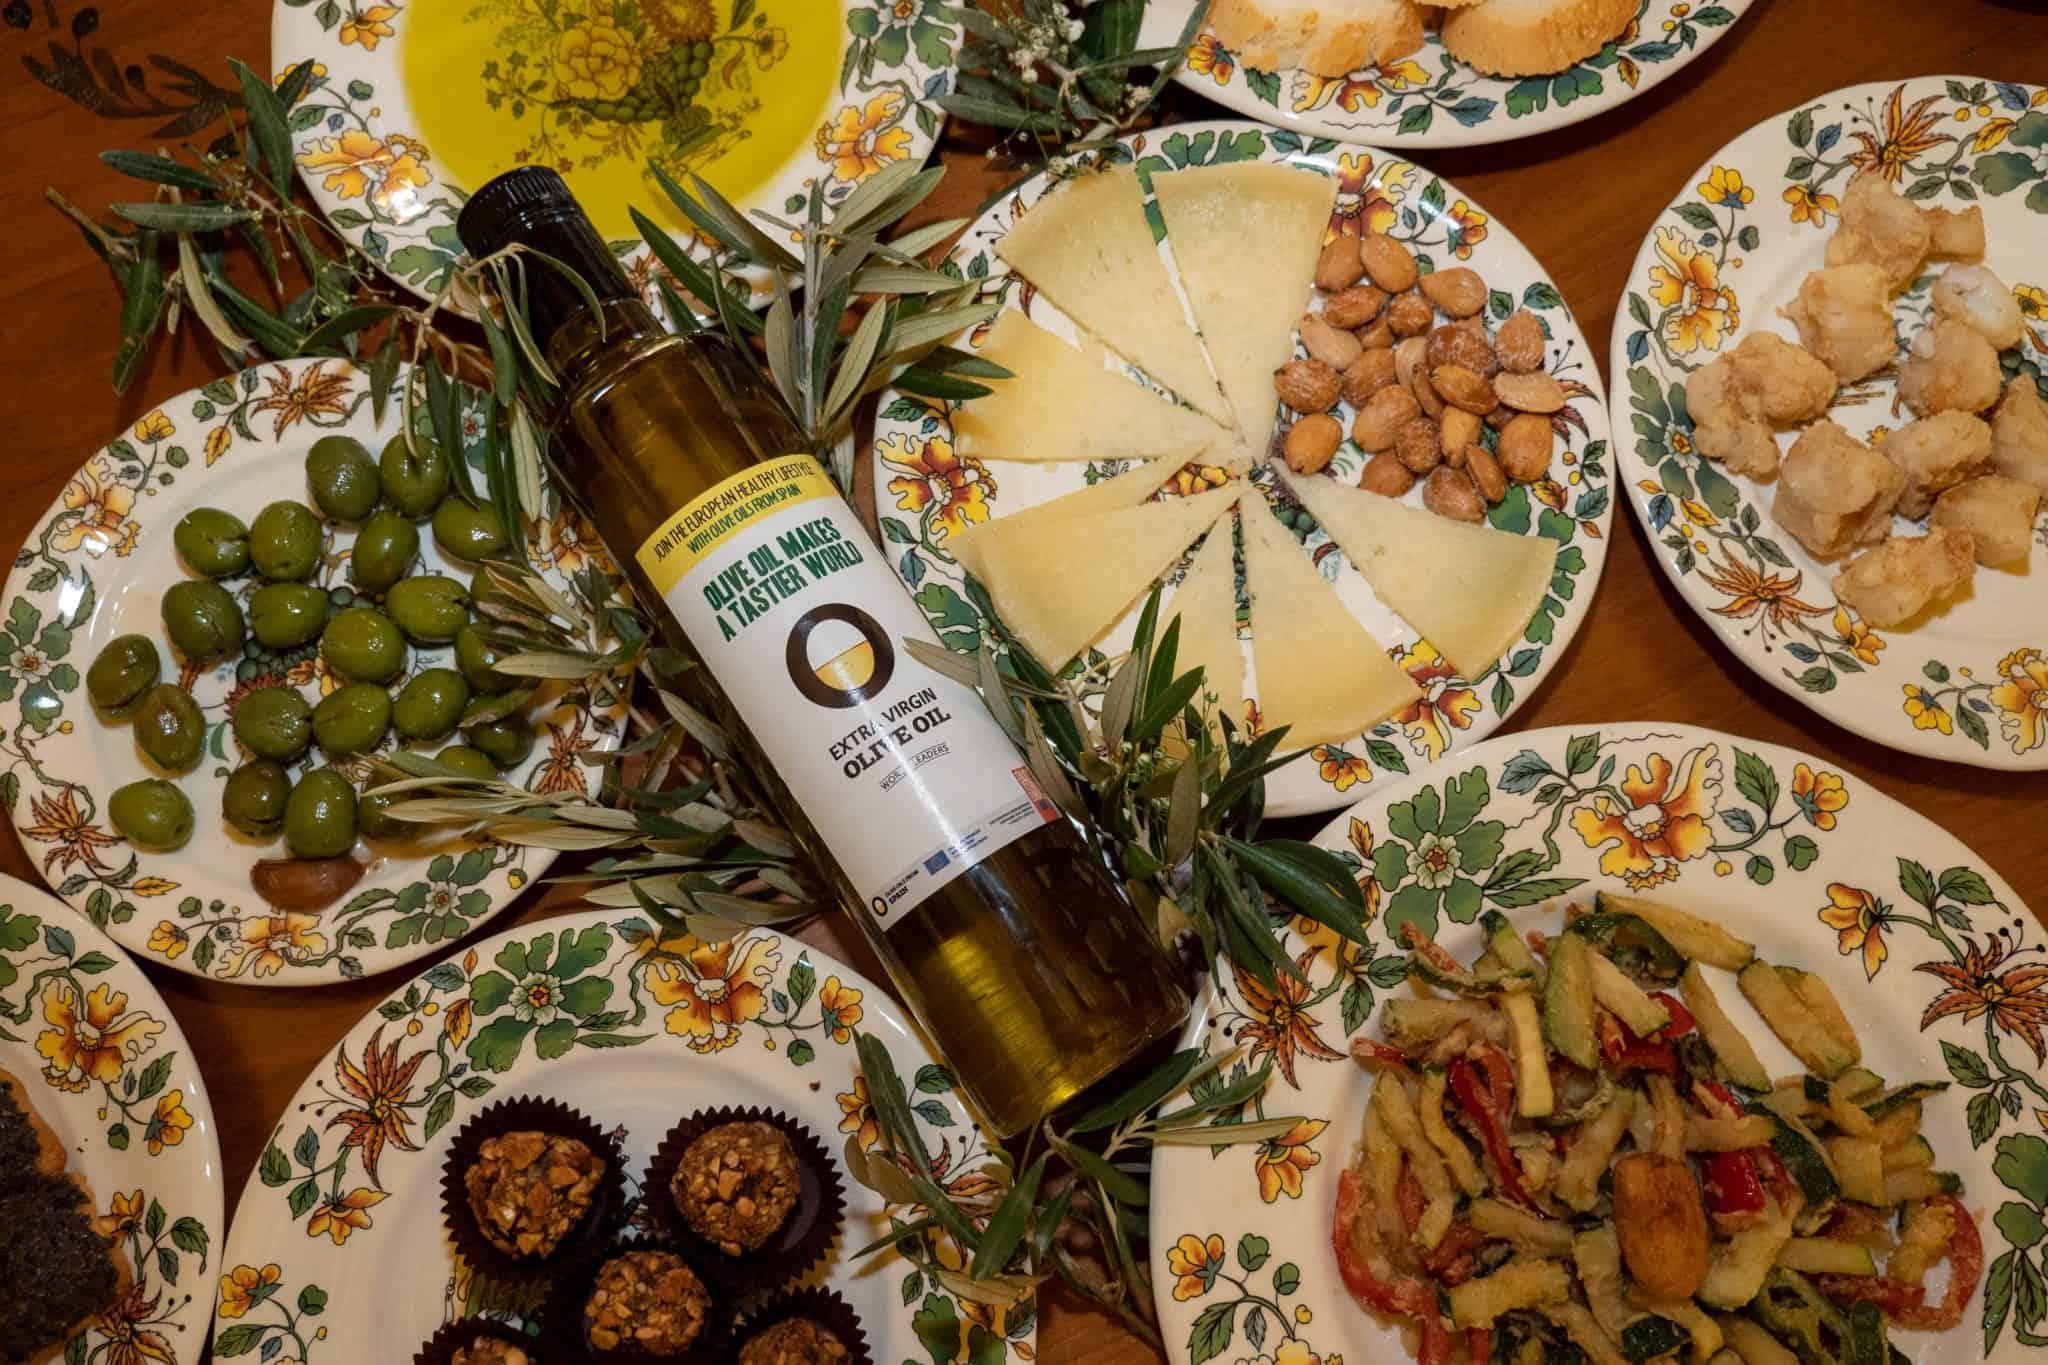 Cordoba olive oil